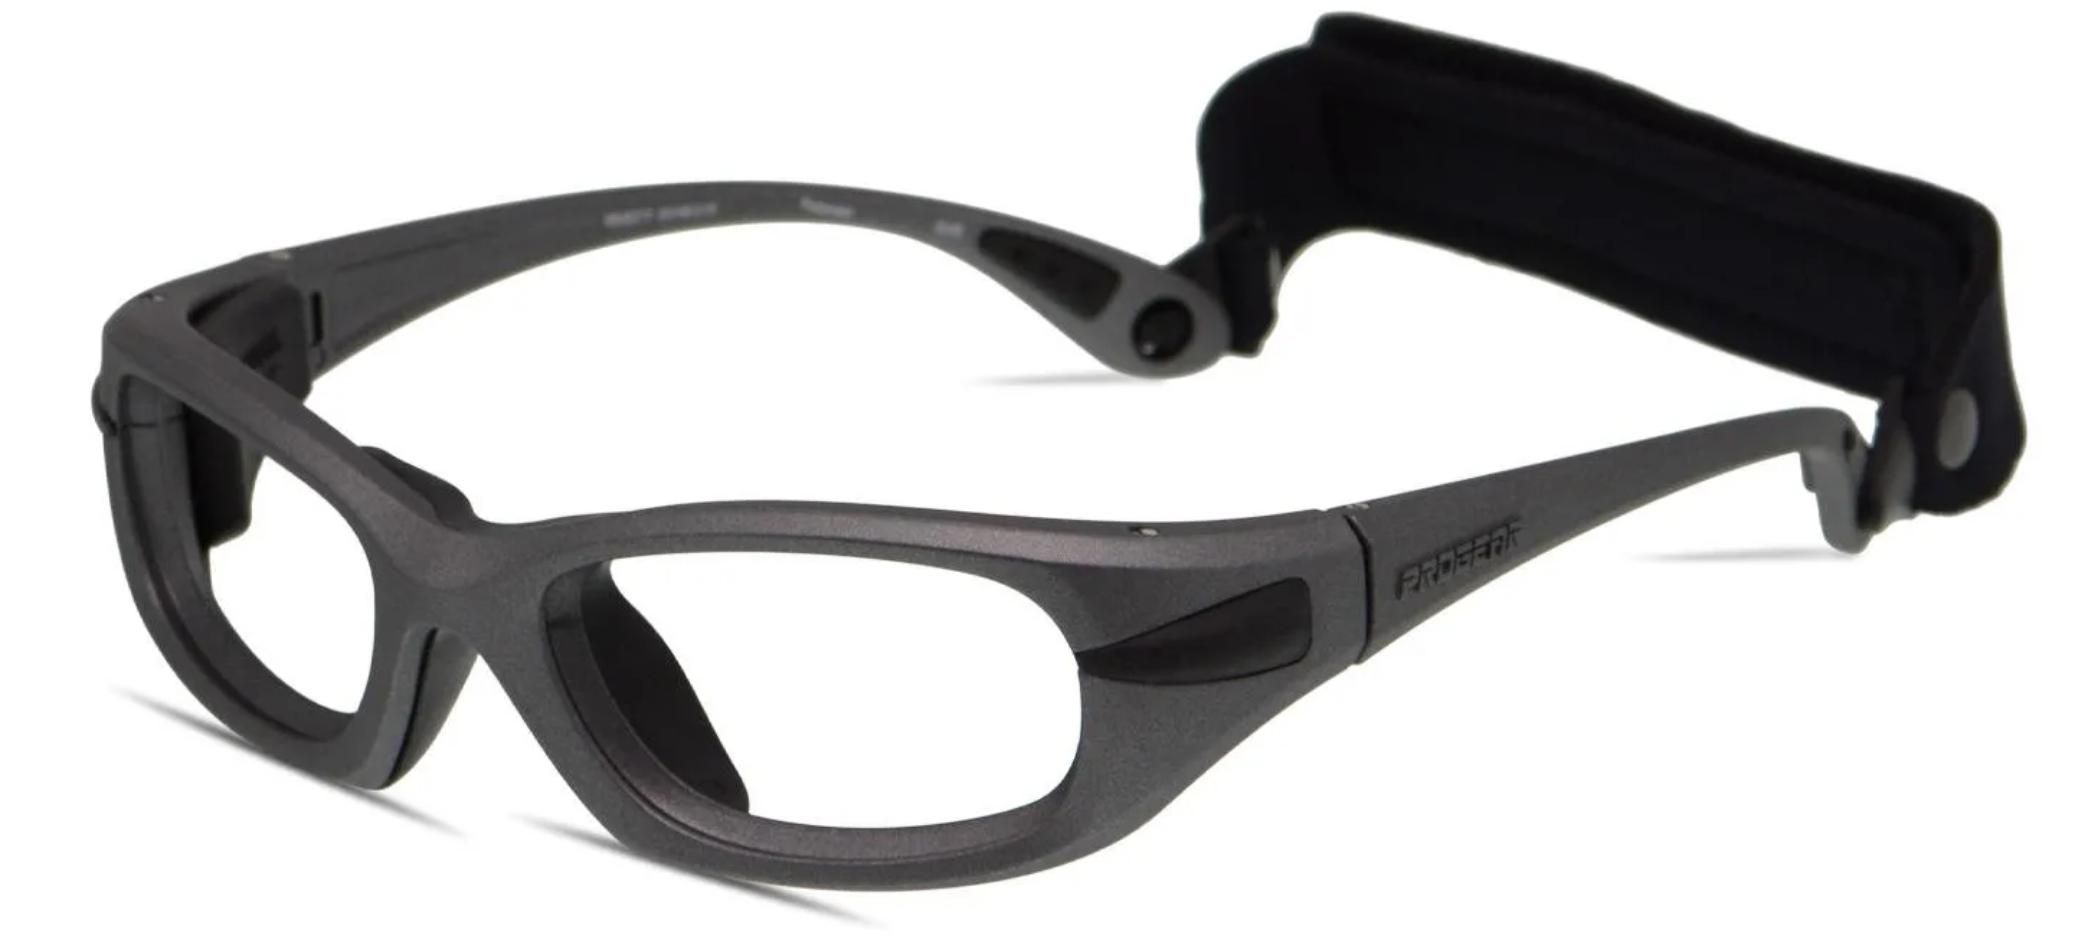 protective goggle glasses strap